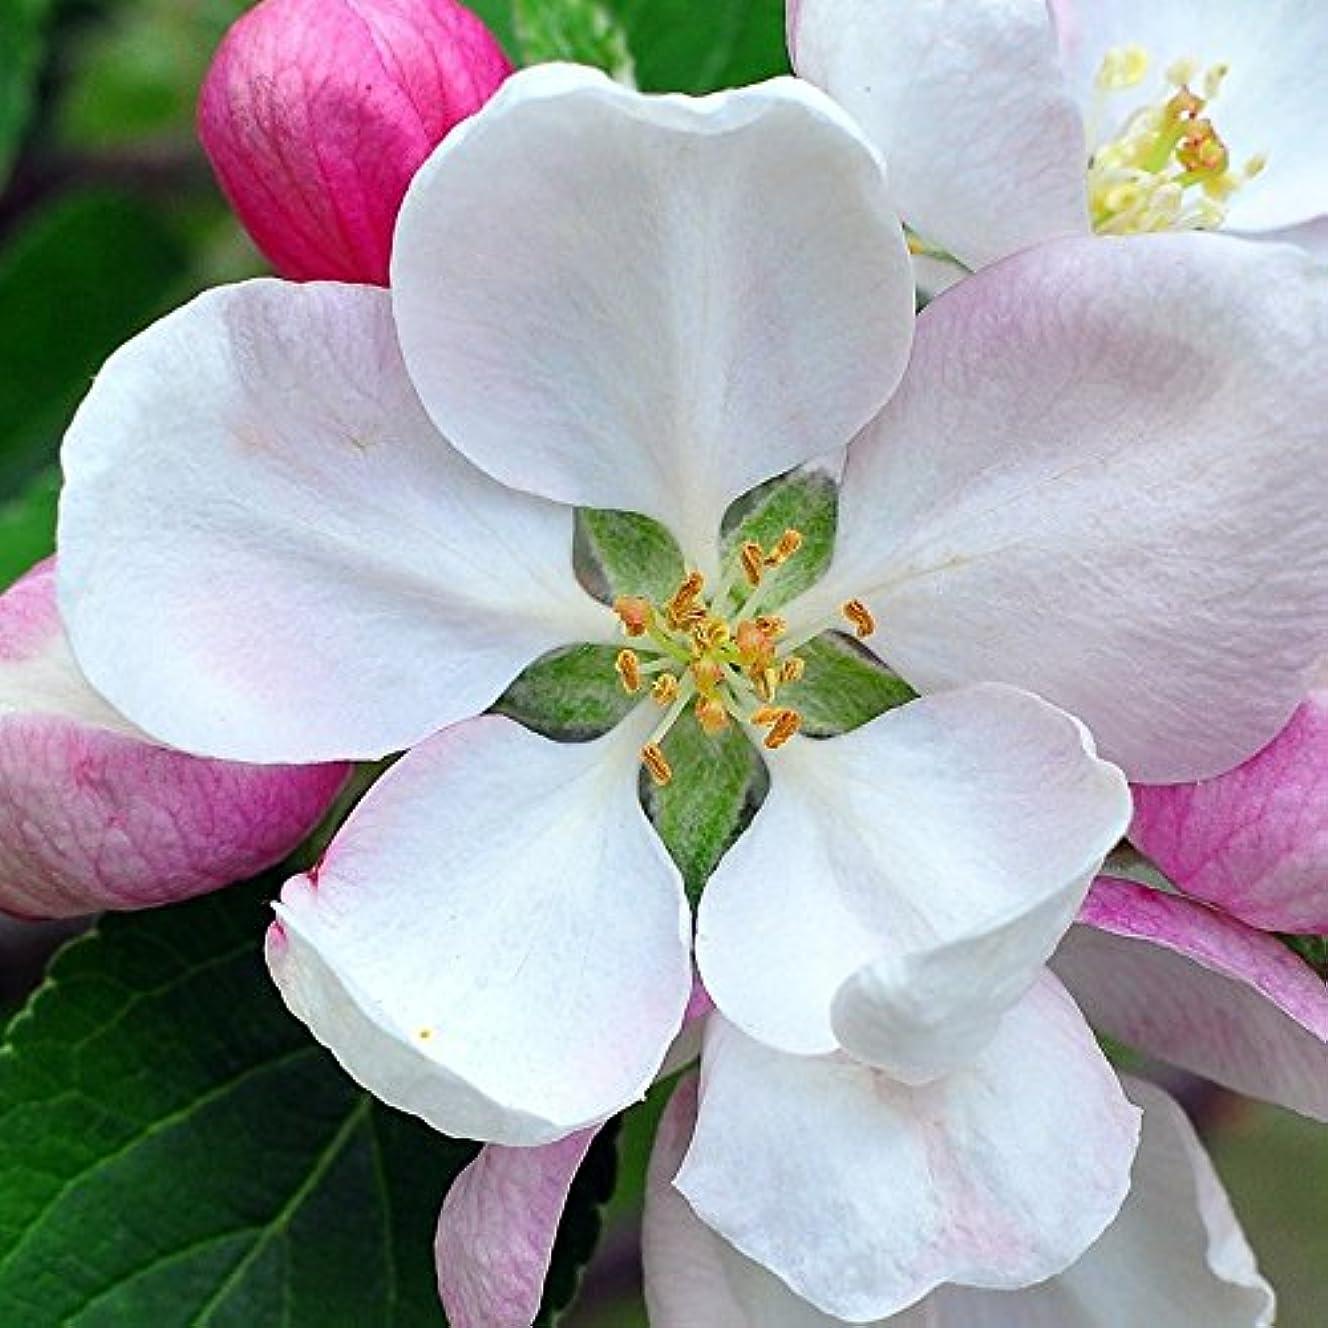 狐ストローク飼いならすアロマフレグランスオイル 日本モクレン(Japanese Magnolia)